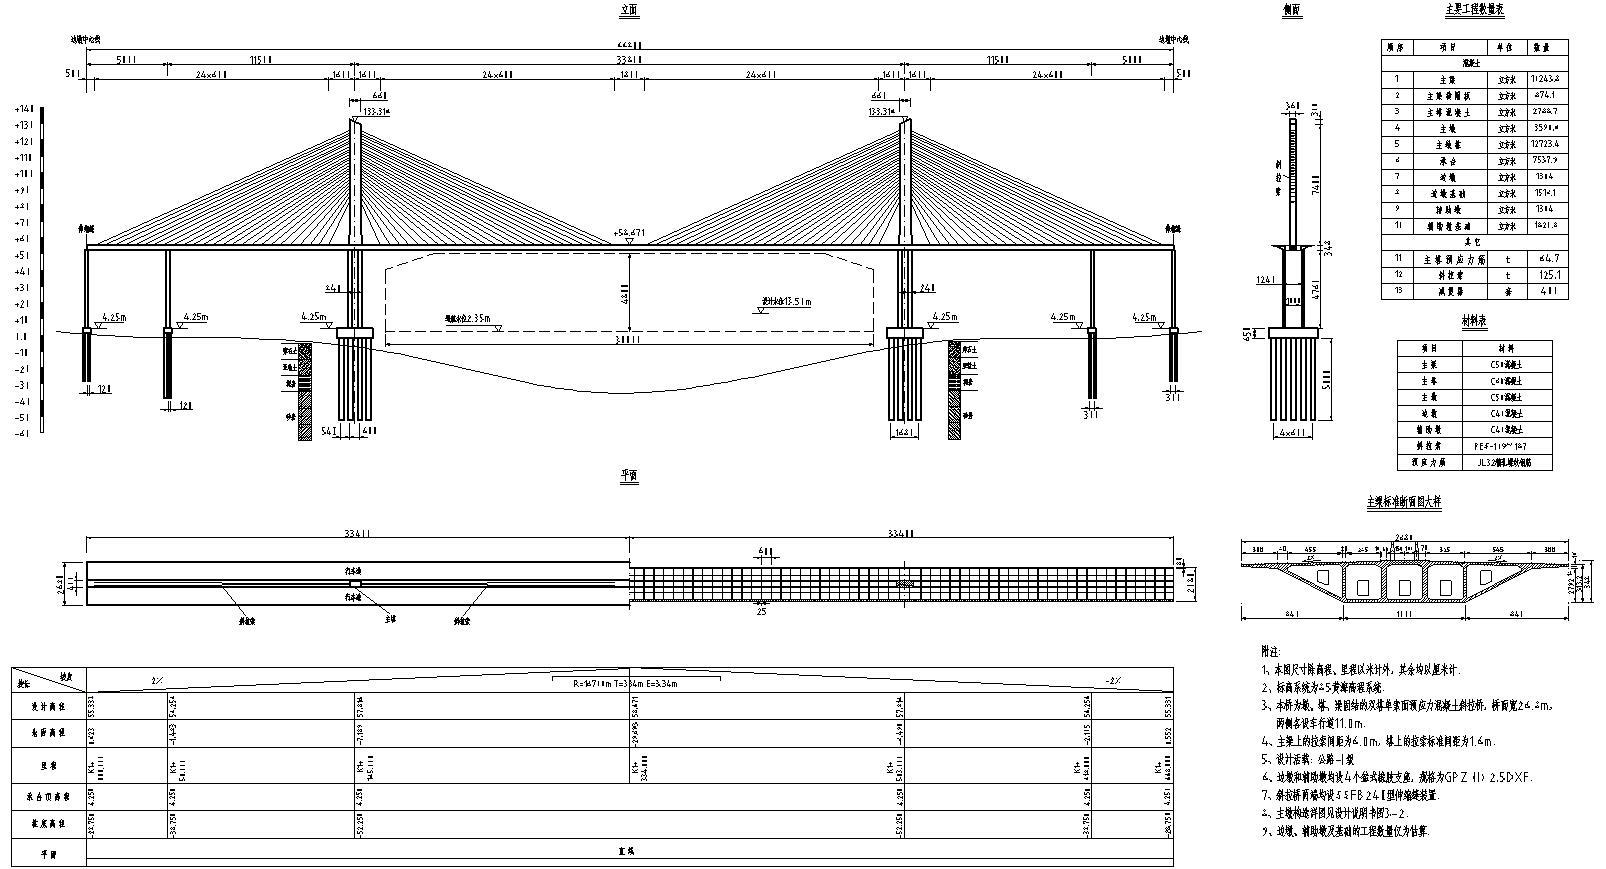 I级公路桥面宽度26.8米单索面预应力混凝土斜拉桥毕业设计